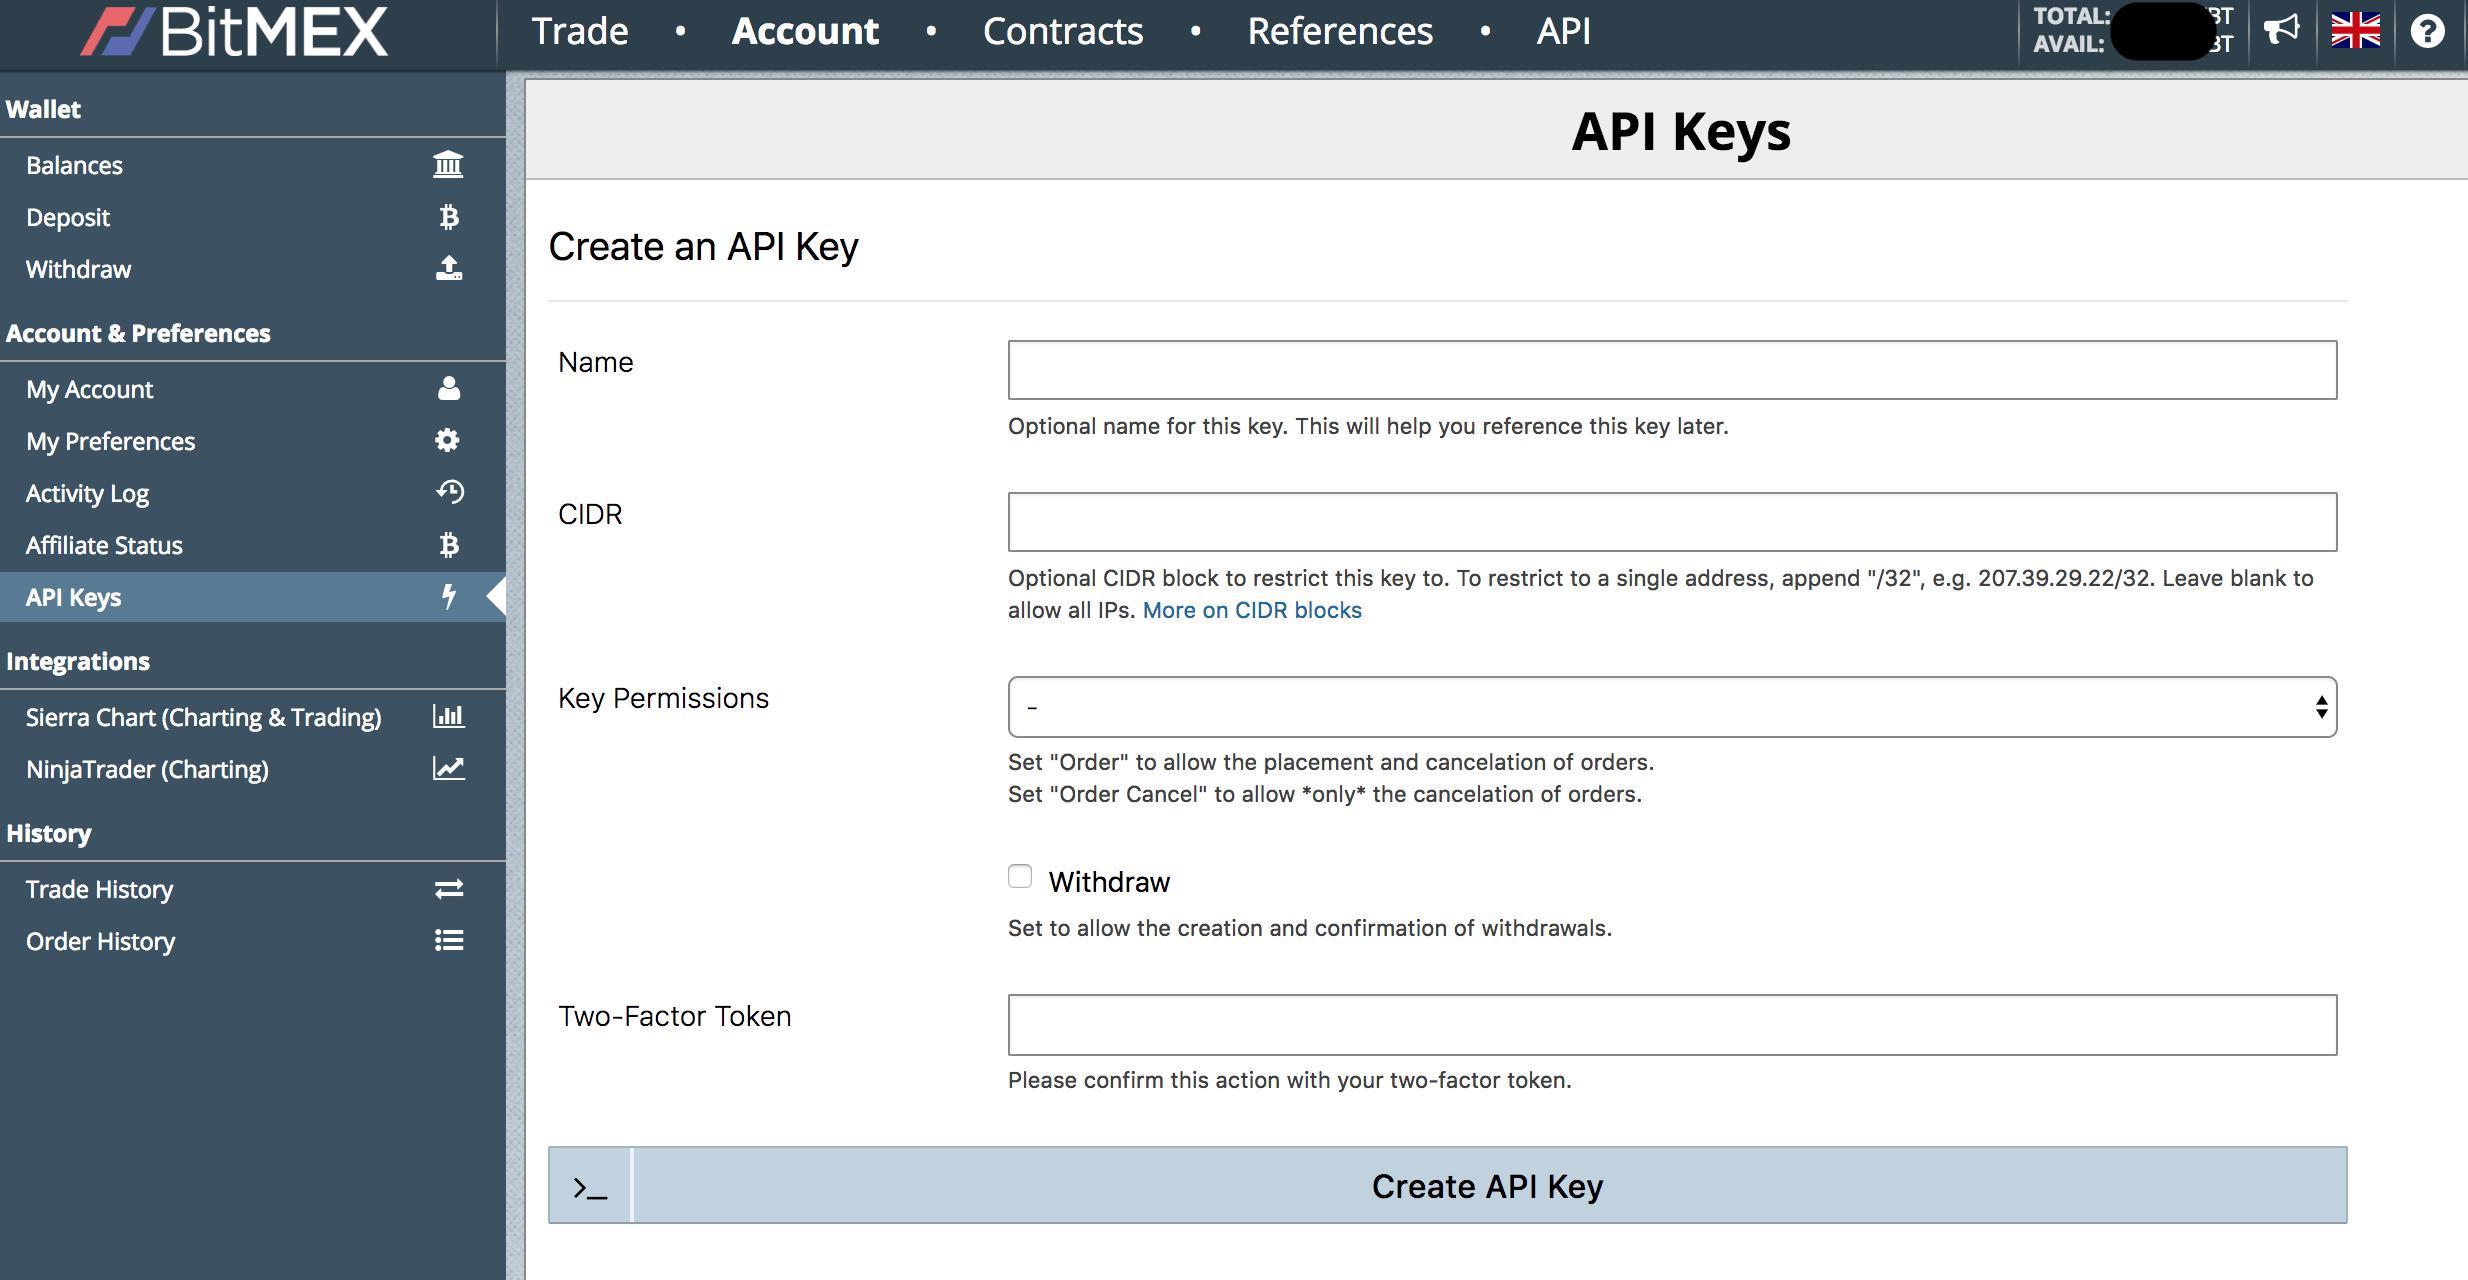 Dodawanie kluczy API na giełdzie kryptowalut BitMEX do tradingu automatycznego botami.